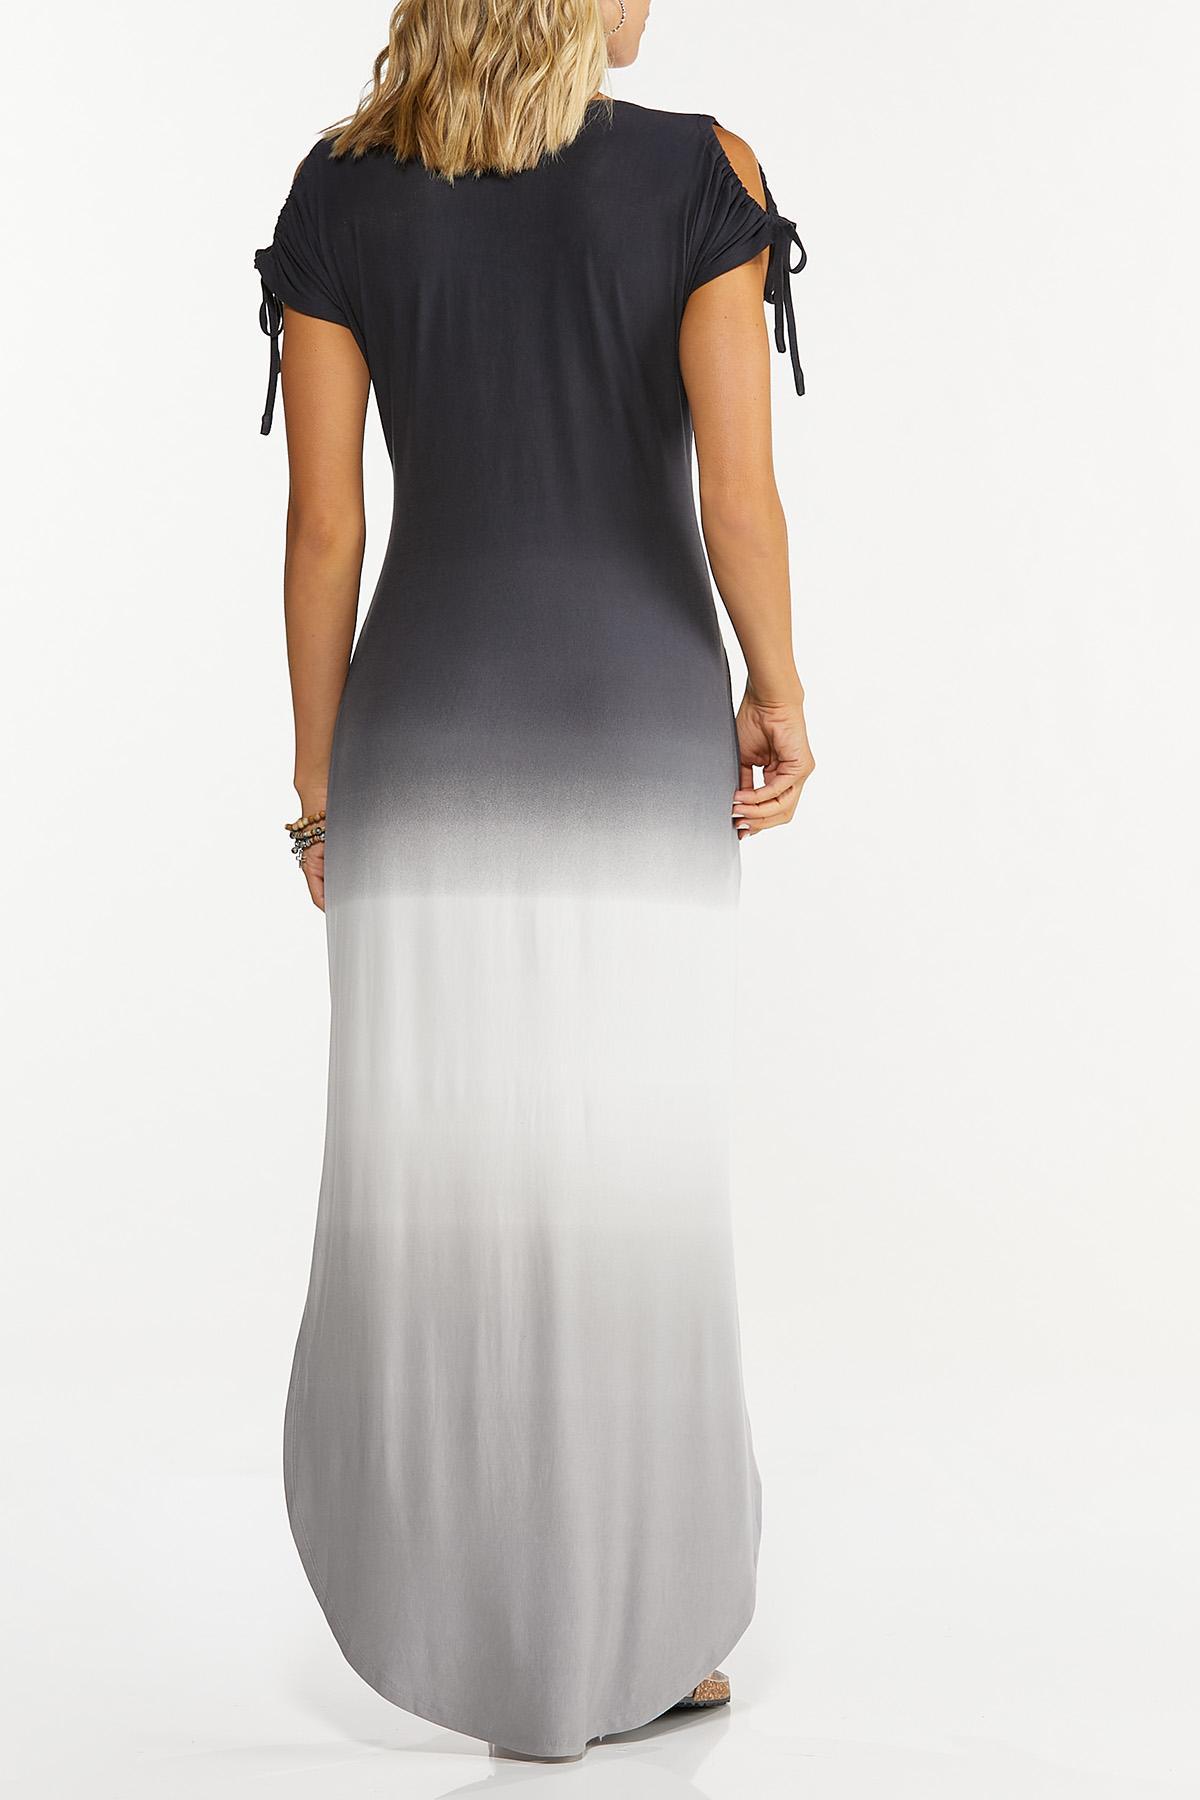 Tie Dye Cold Shoulder Dress (Item #44720958)